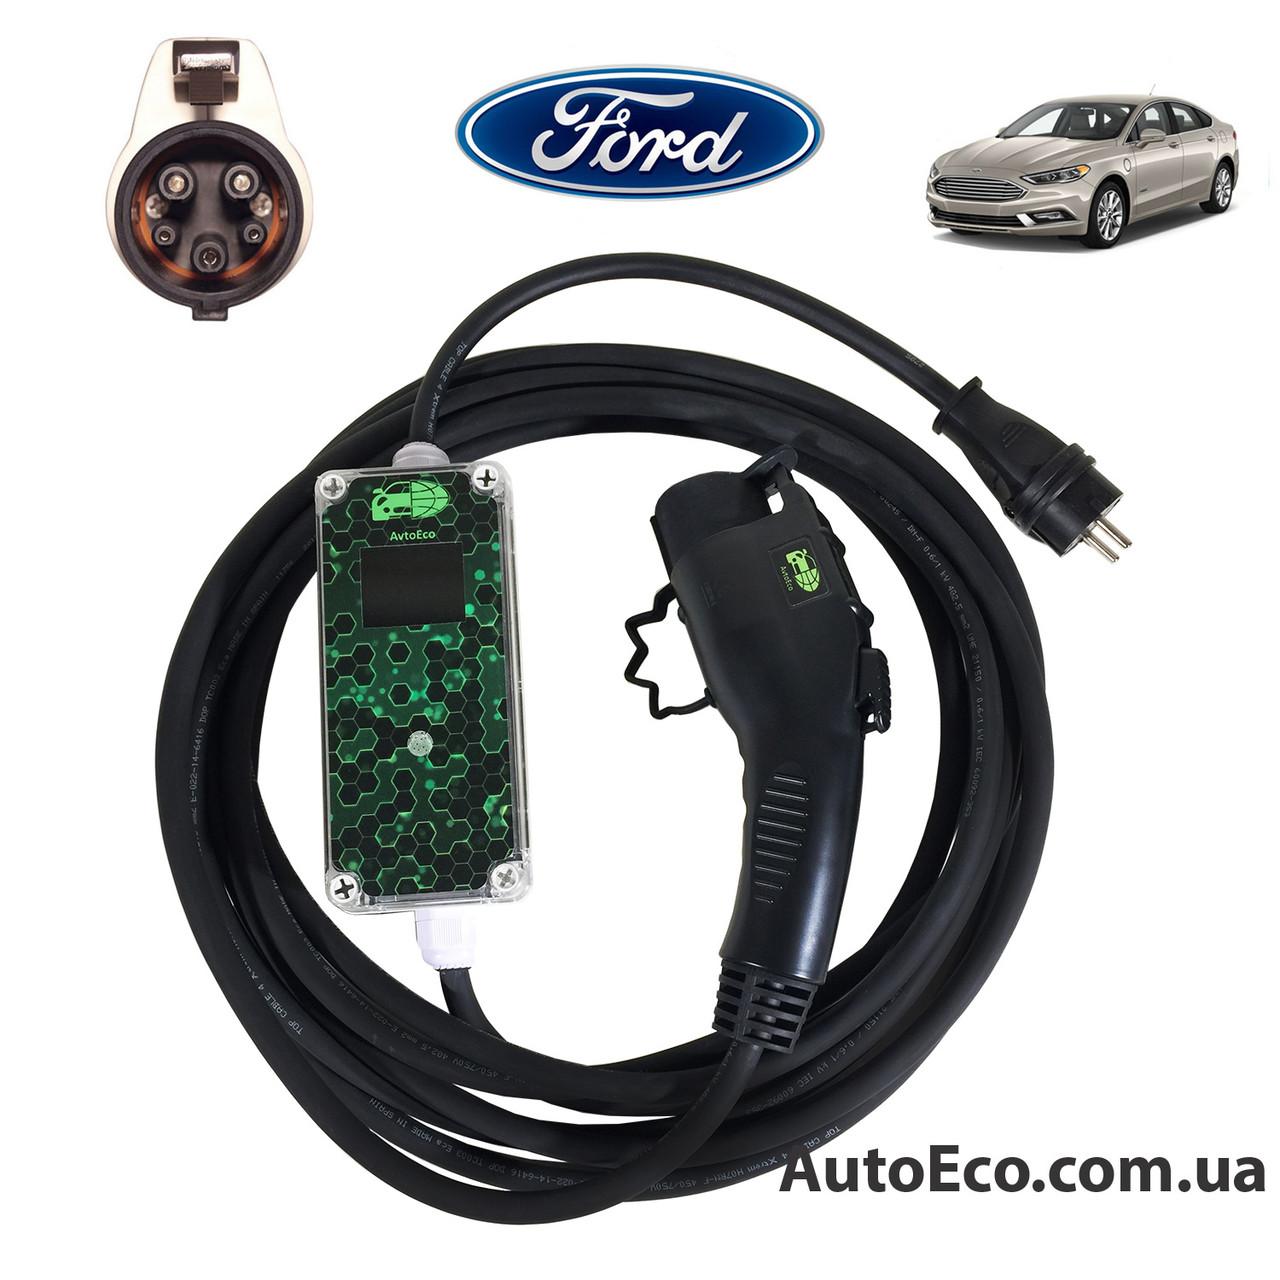 Зарядное устройство для электромобиля Ford Fusion Energi AutoEco J1772-16A-Wi-Fi